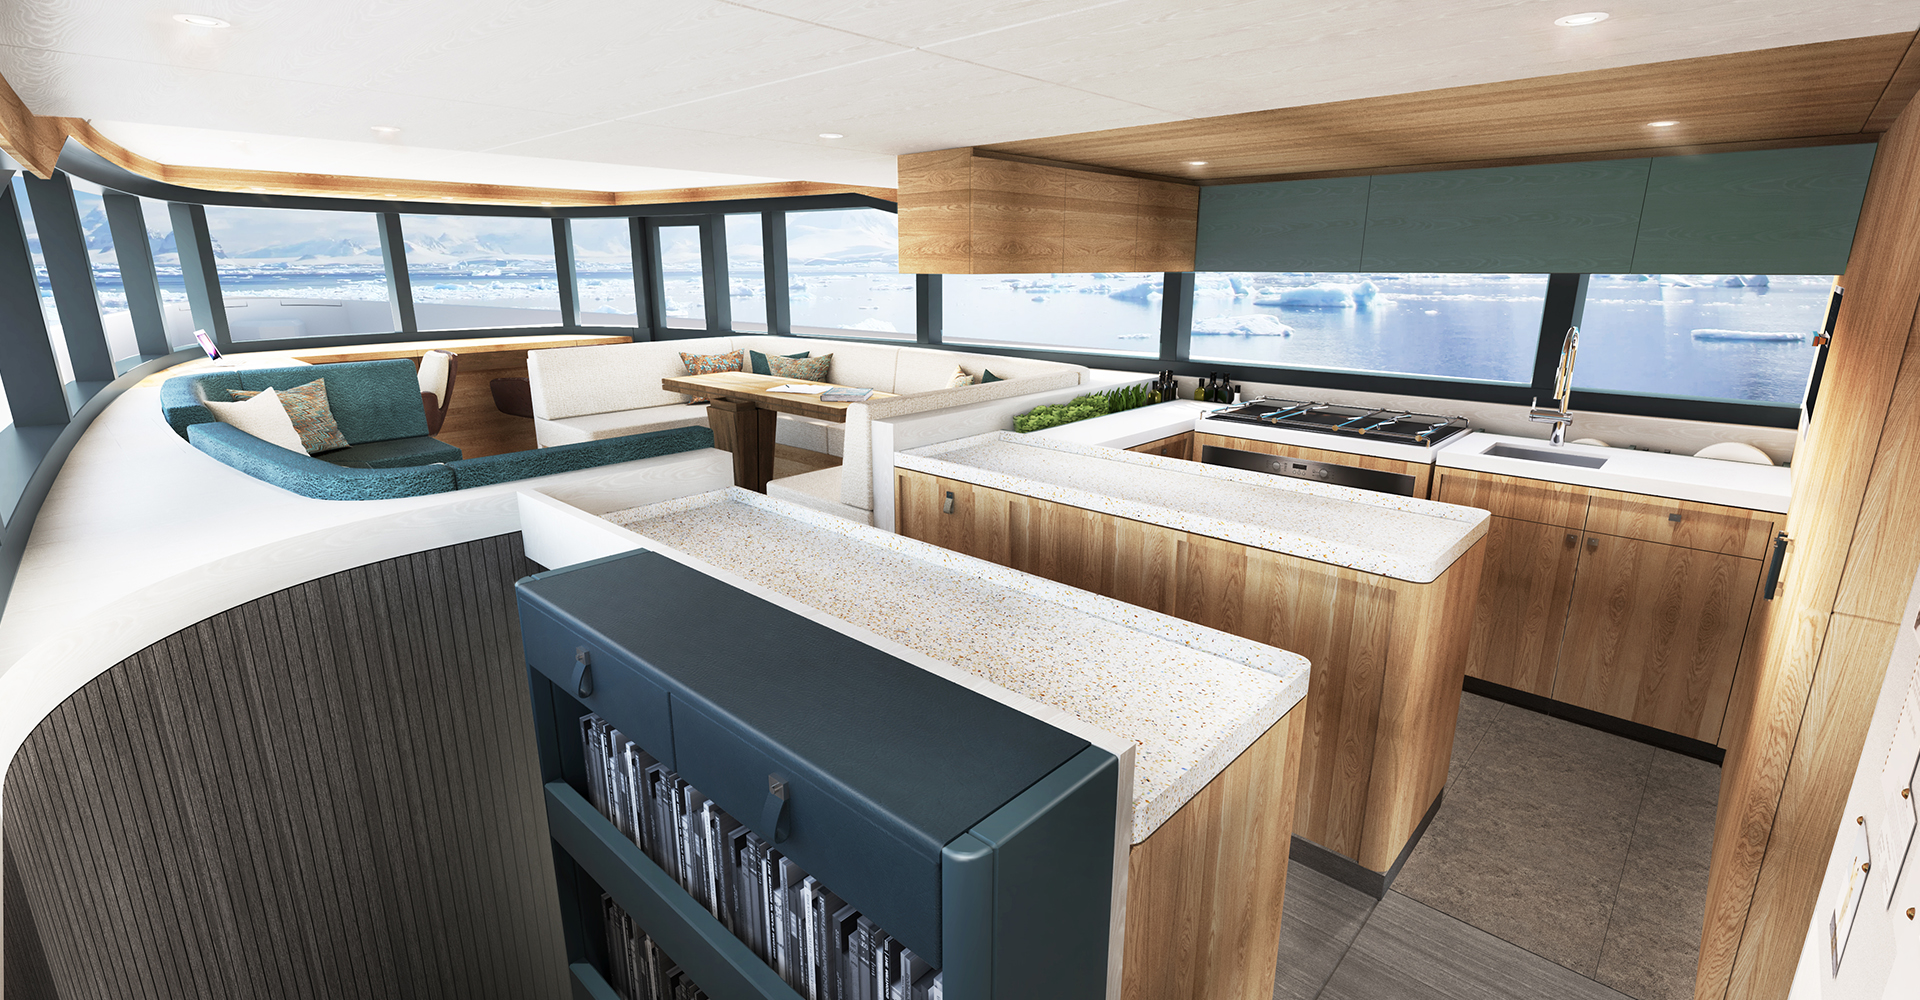 Versatile living space aboard an Arksen motor yacht